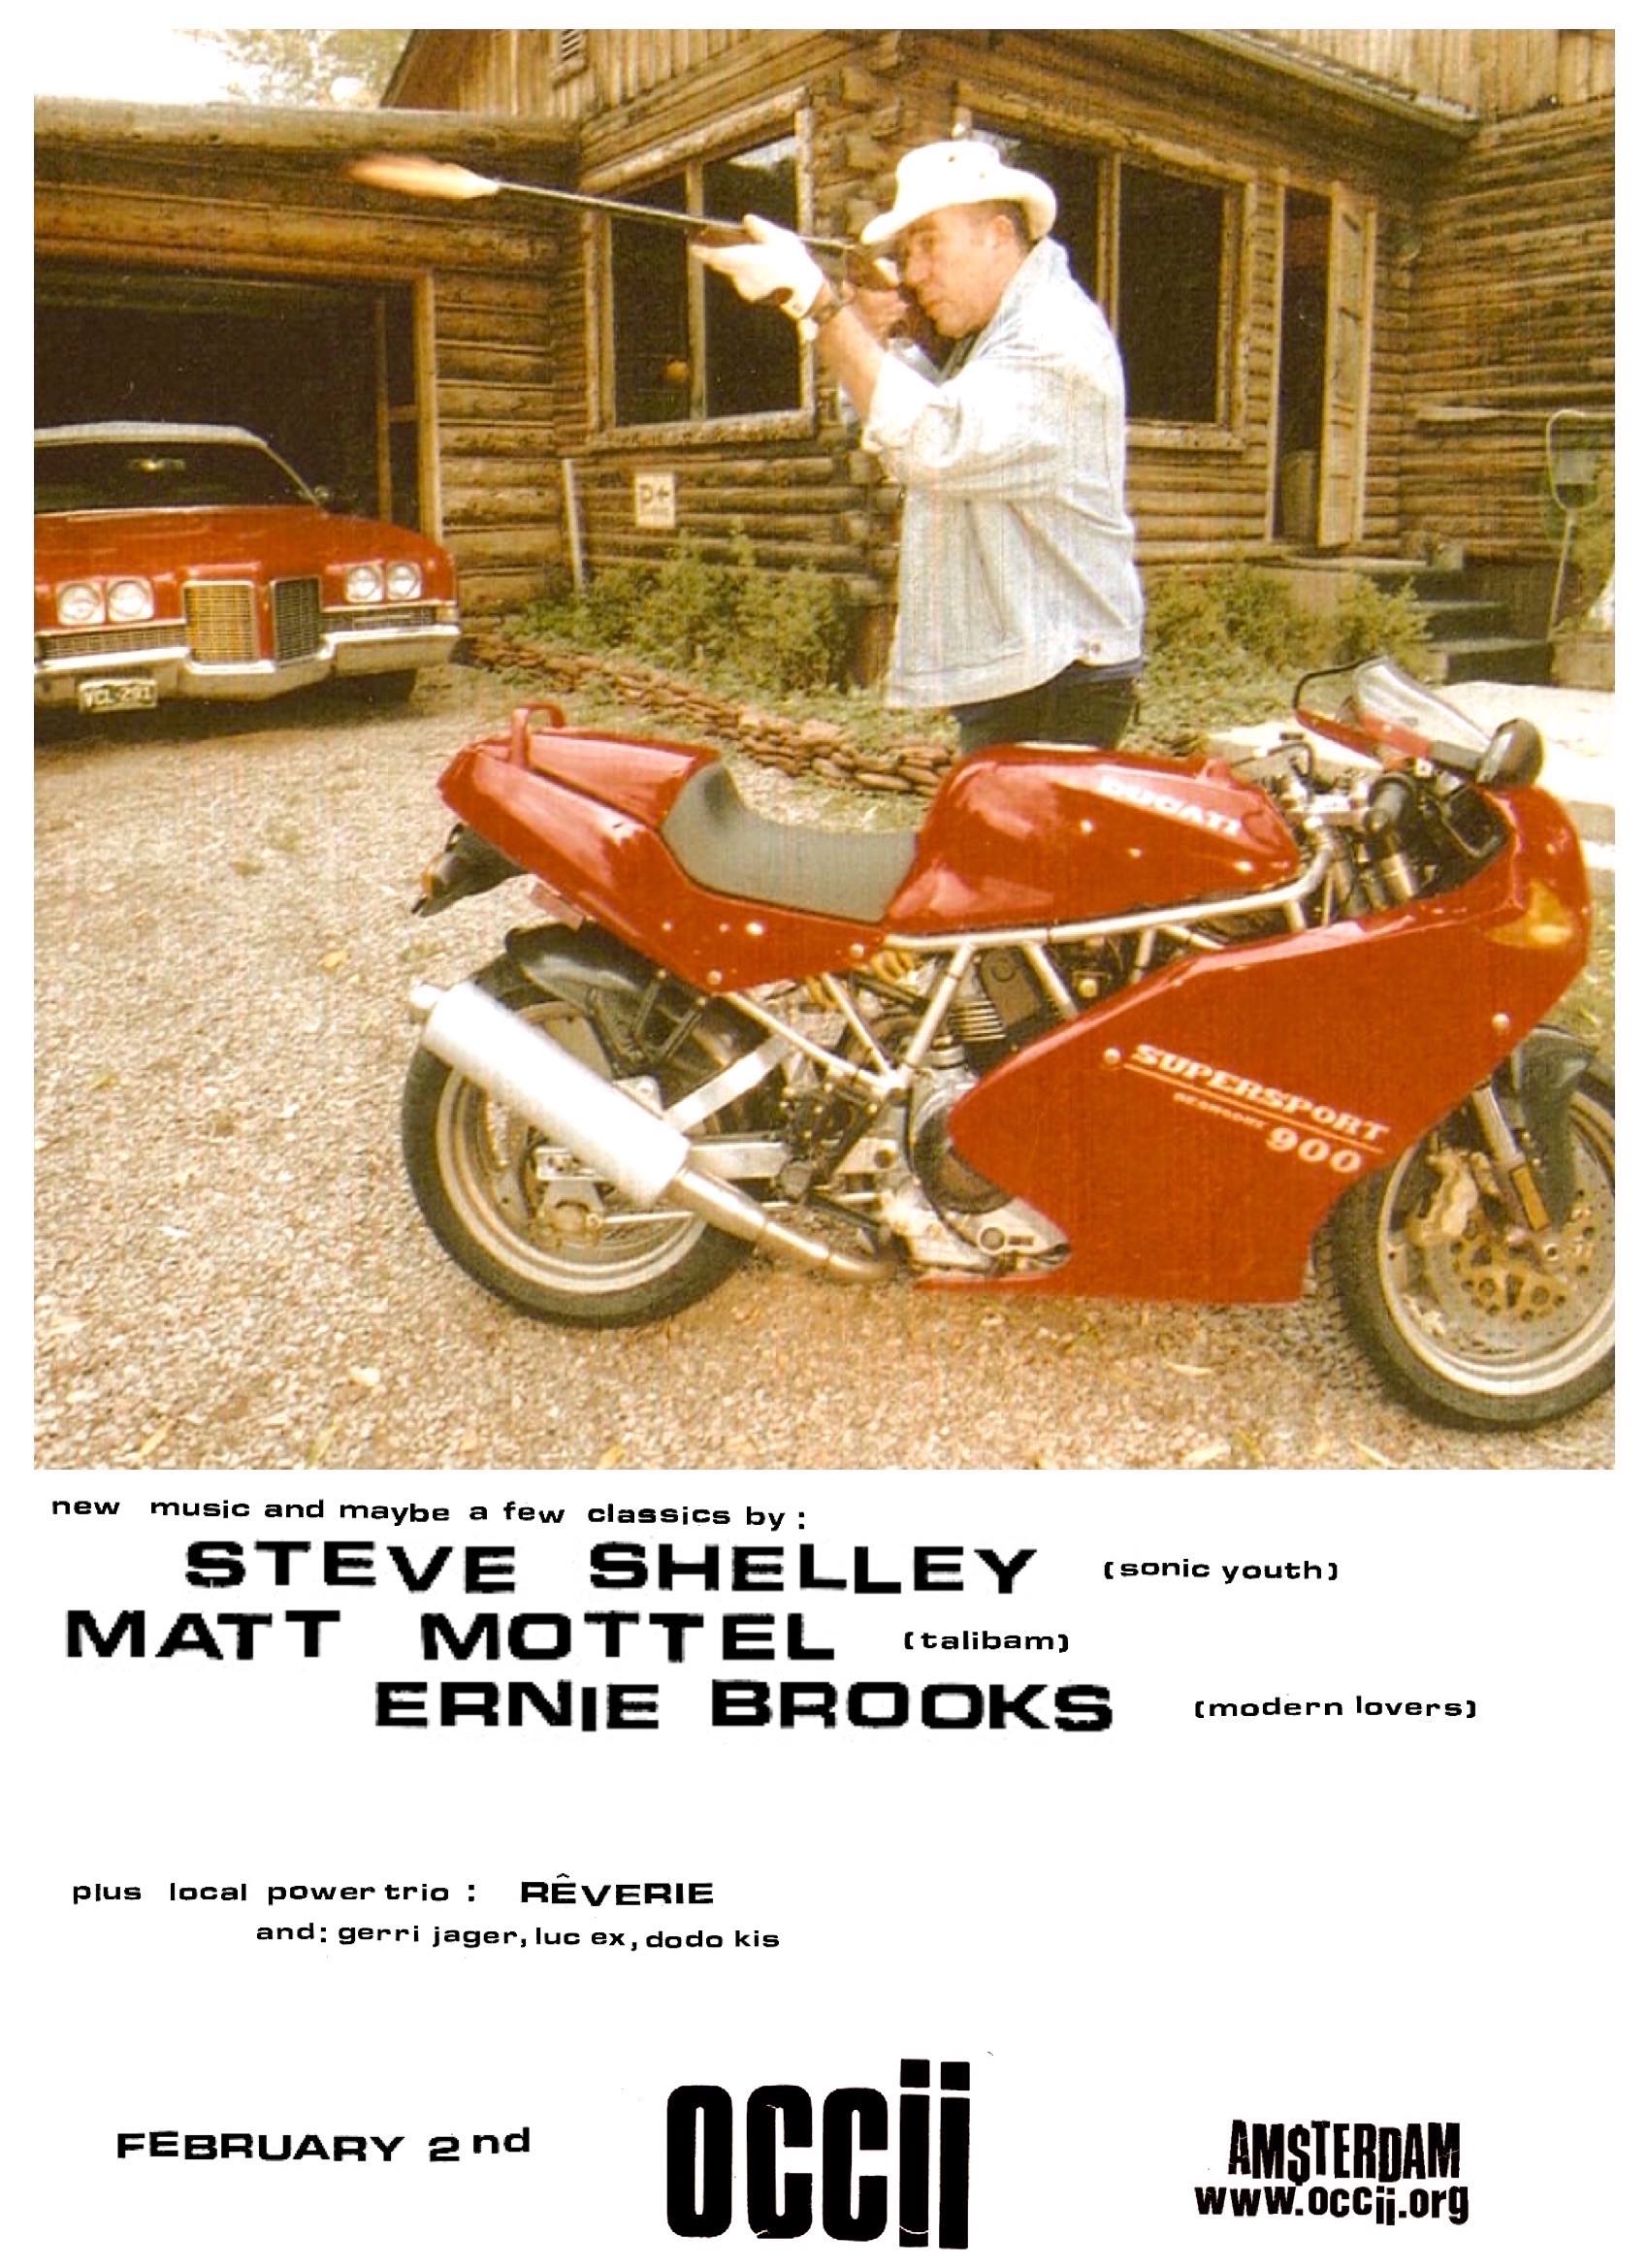 STEVE SHELLEY (Sonic Youth), ERNIE BROOKS (The Modern Lovers) & MATT MOTTEL (Talibam!) + RÊVERIE + DODÓ KIS, GERRIE JÄGER & LUC EX